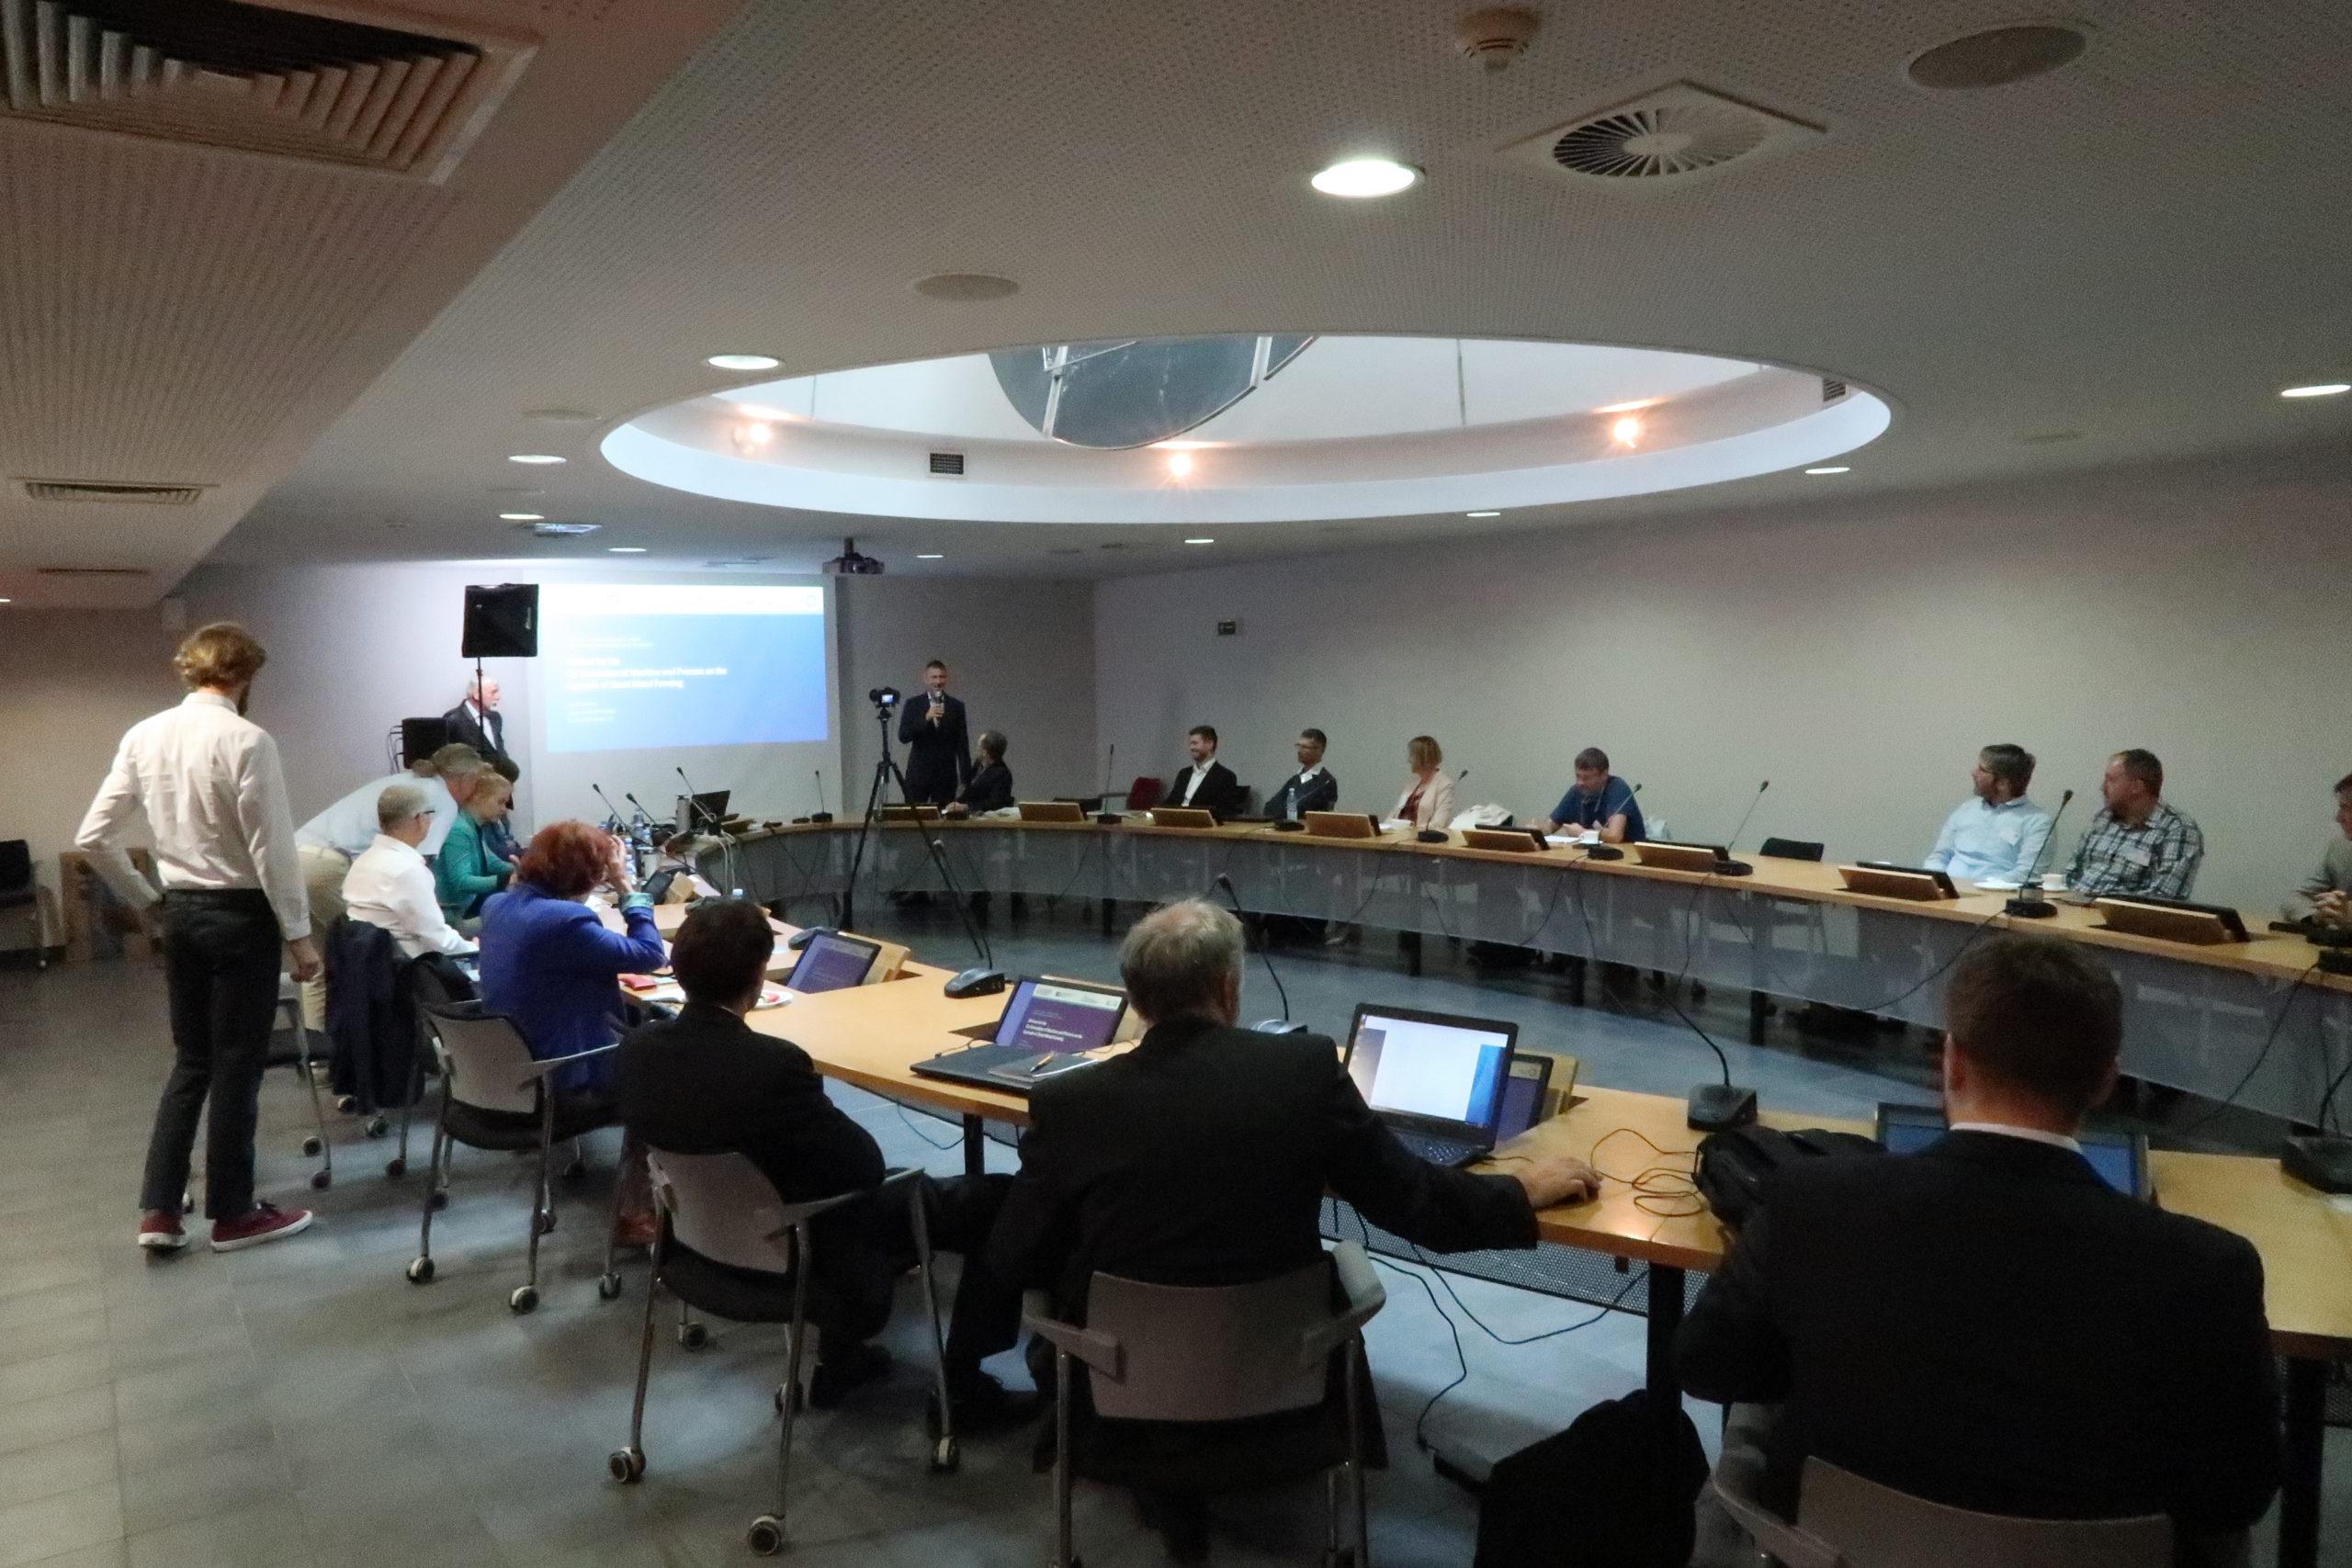 Fotogalerie: konference zpracování plechu